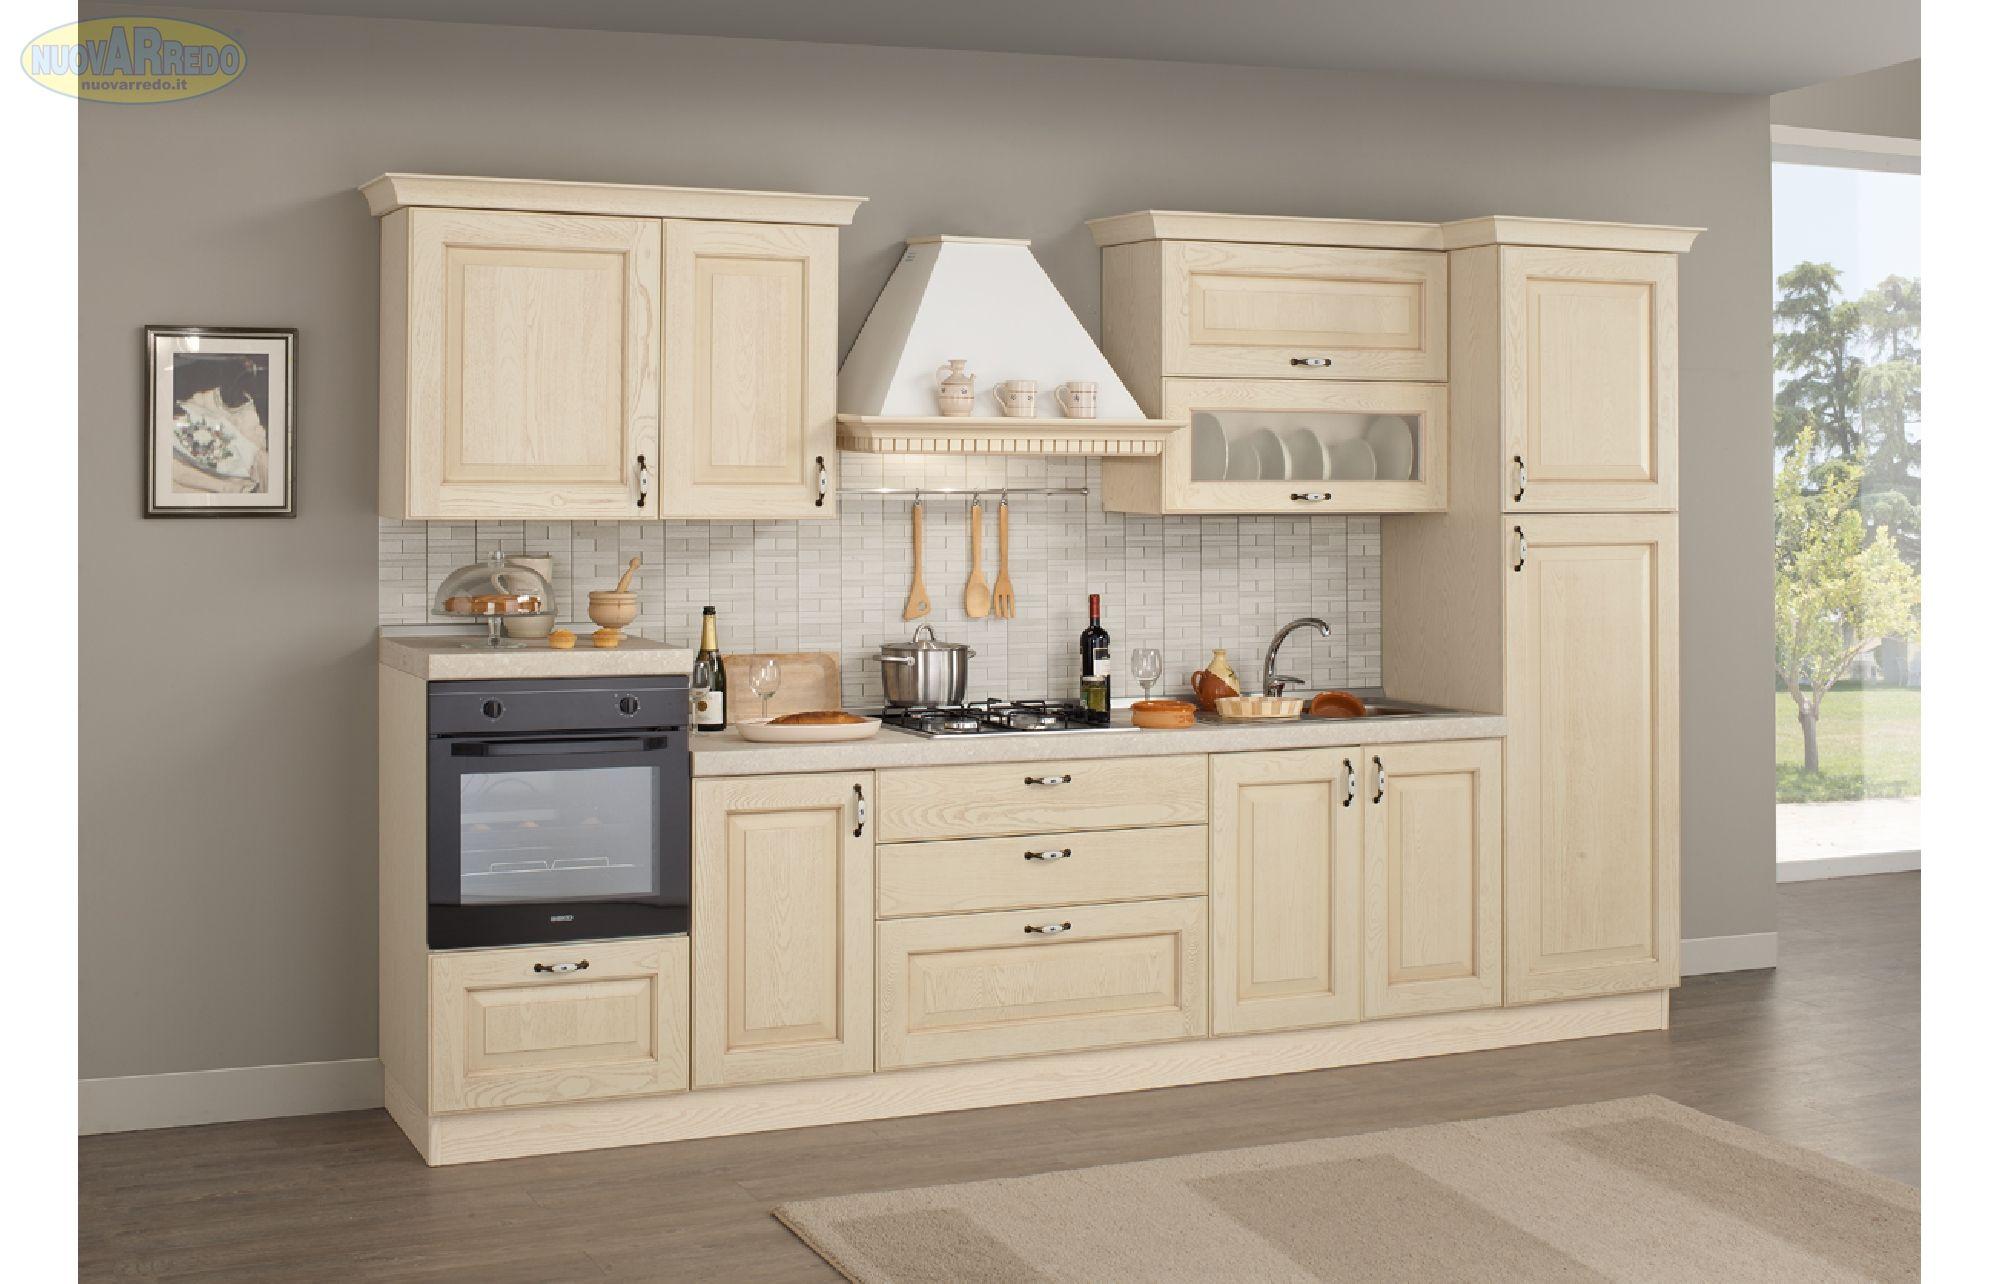 Prezzo: € 2890 Cucina componibile completa di elettrodomestici ...